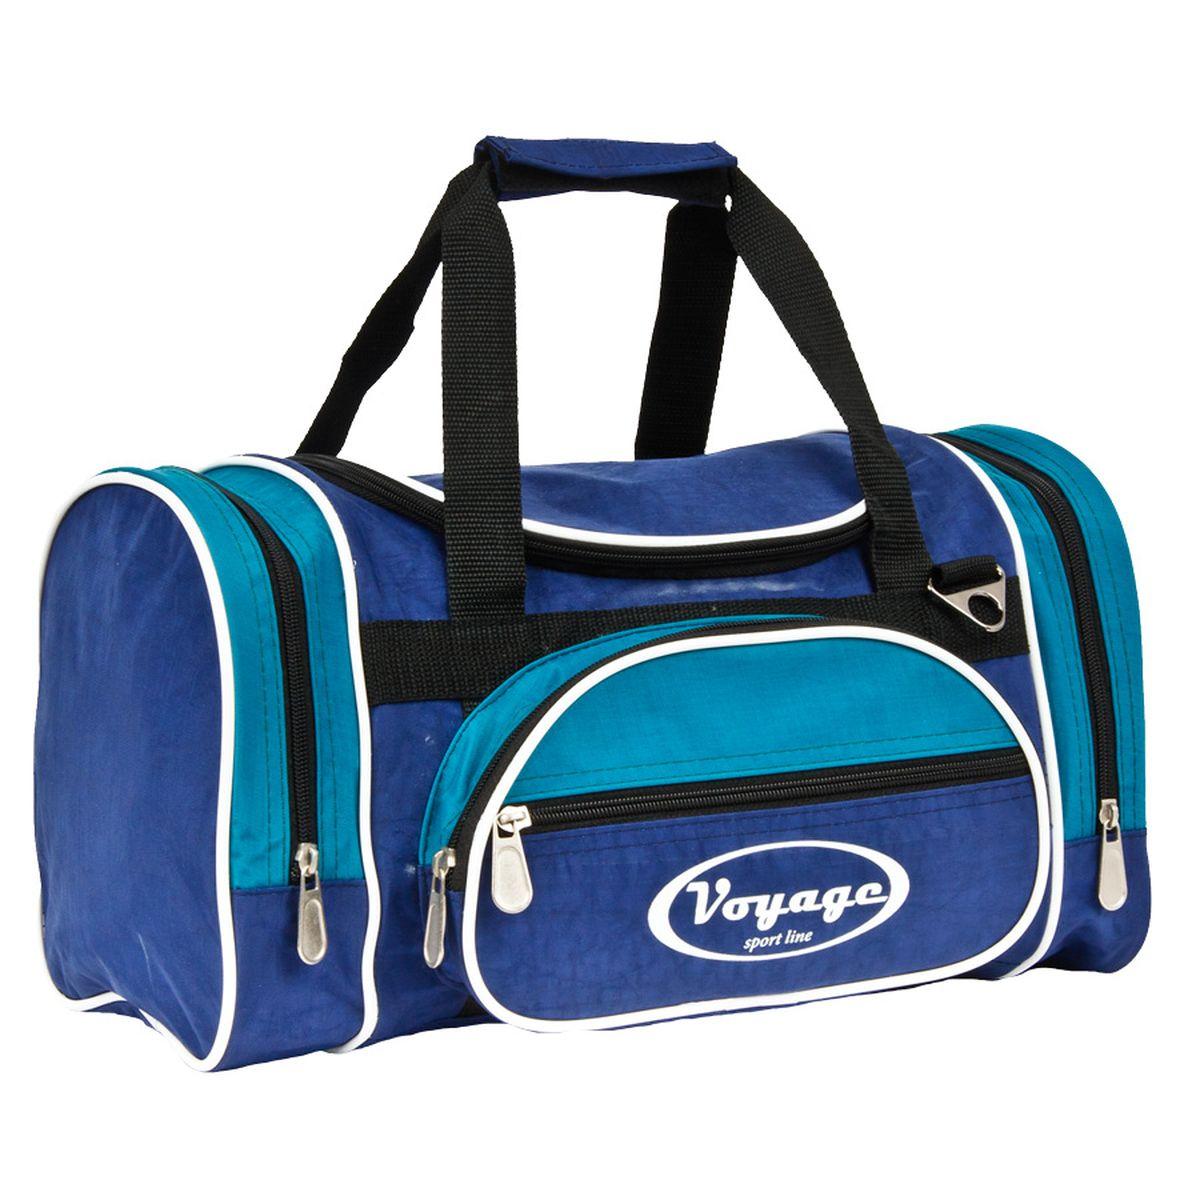 Сумка дорожная Polar, цвет: синий, голубой, 16 л. С Р209С Р209_синий, голубойДорожная сумка Polar выполненная в классическом дизайне. Все отделение на молнии. Два боковых и один центральный карман на молнии. В комплекте имеется плечевой ремень. Сумка изготовлена из водоотталкивающей ткани, сохраняющей свои свойства при любой температуре.